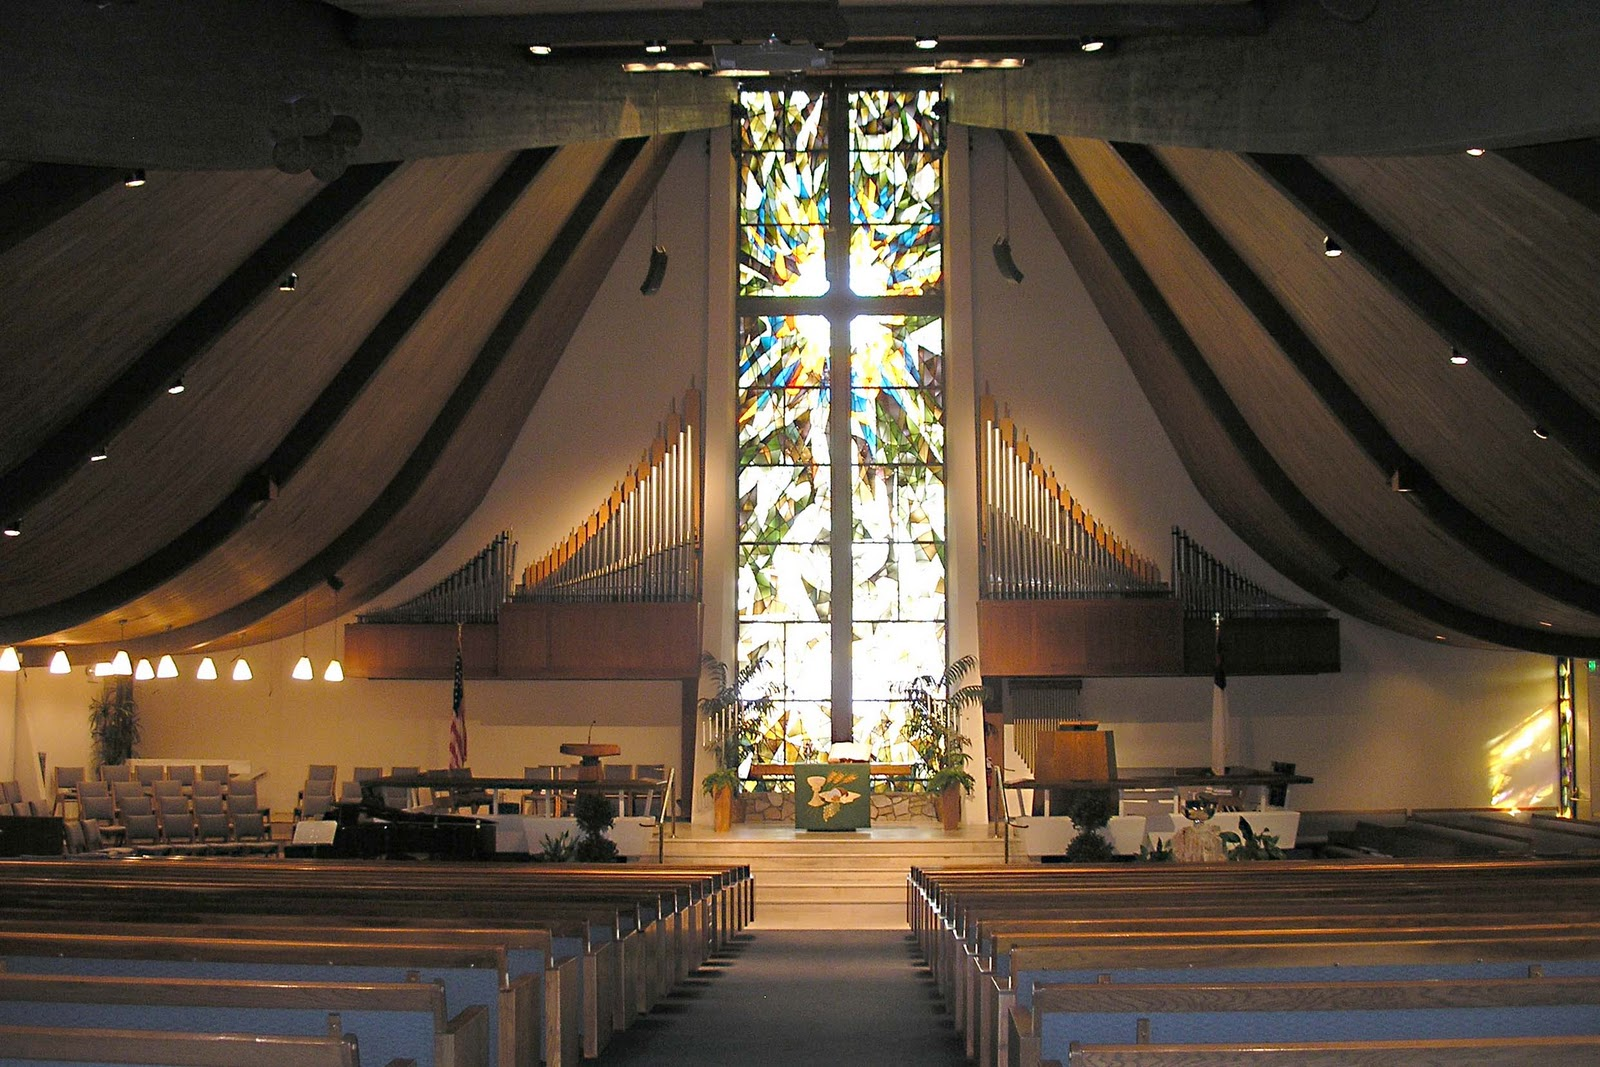 Churches On Sundays